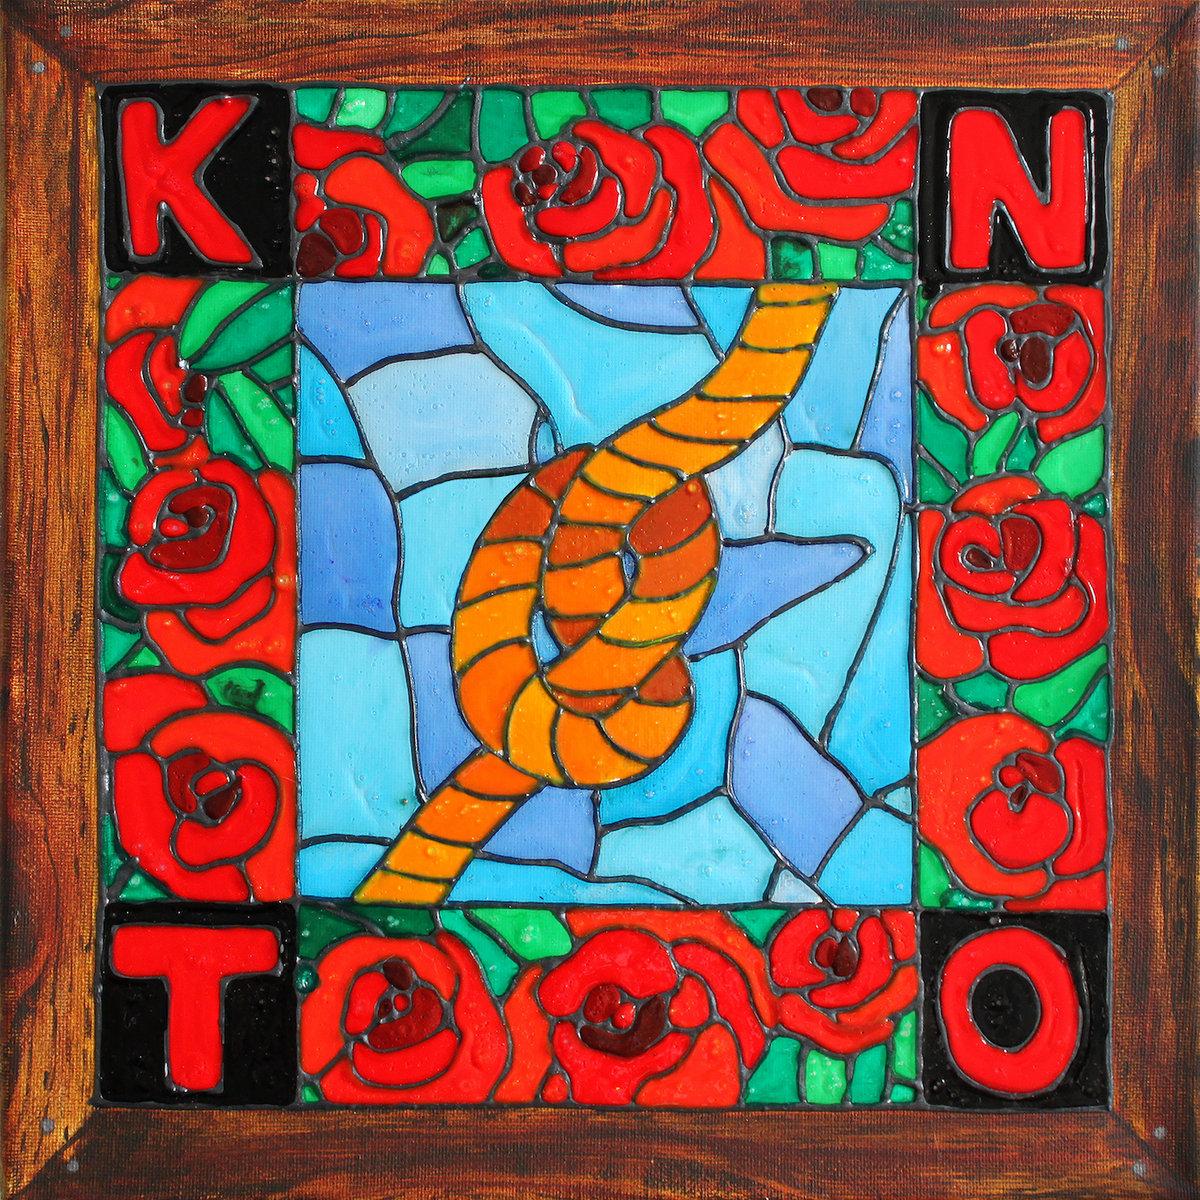 Knot - s/t LP